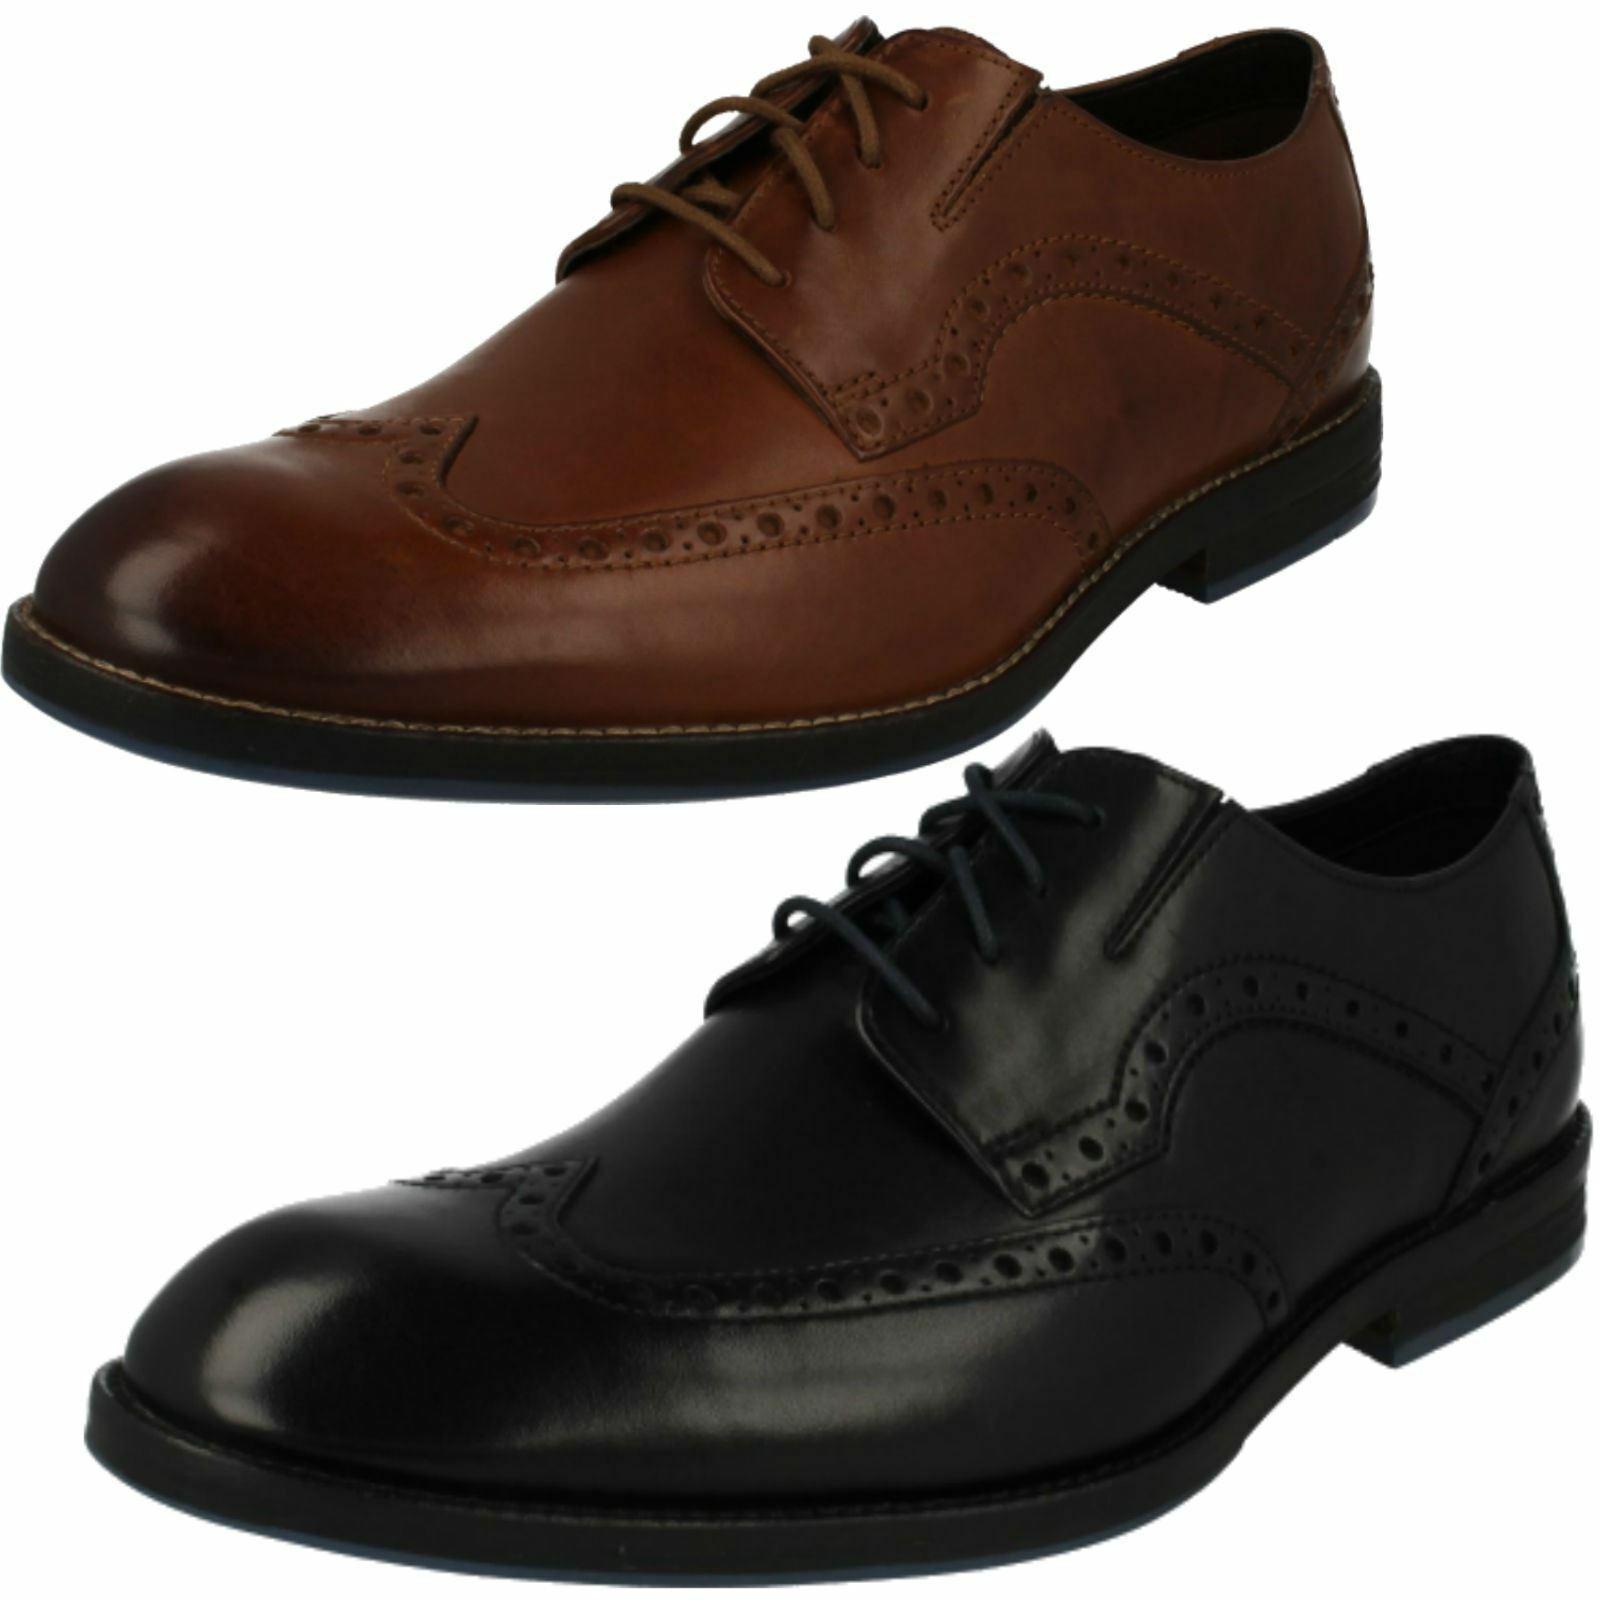 Clarks pour Hommes Habillé à Lacets Cuir Élégante Travail Chaussures Brogues